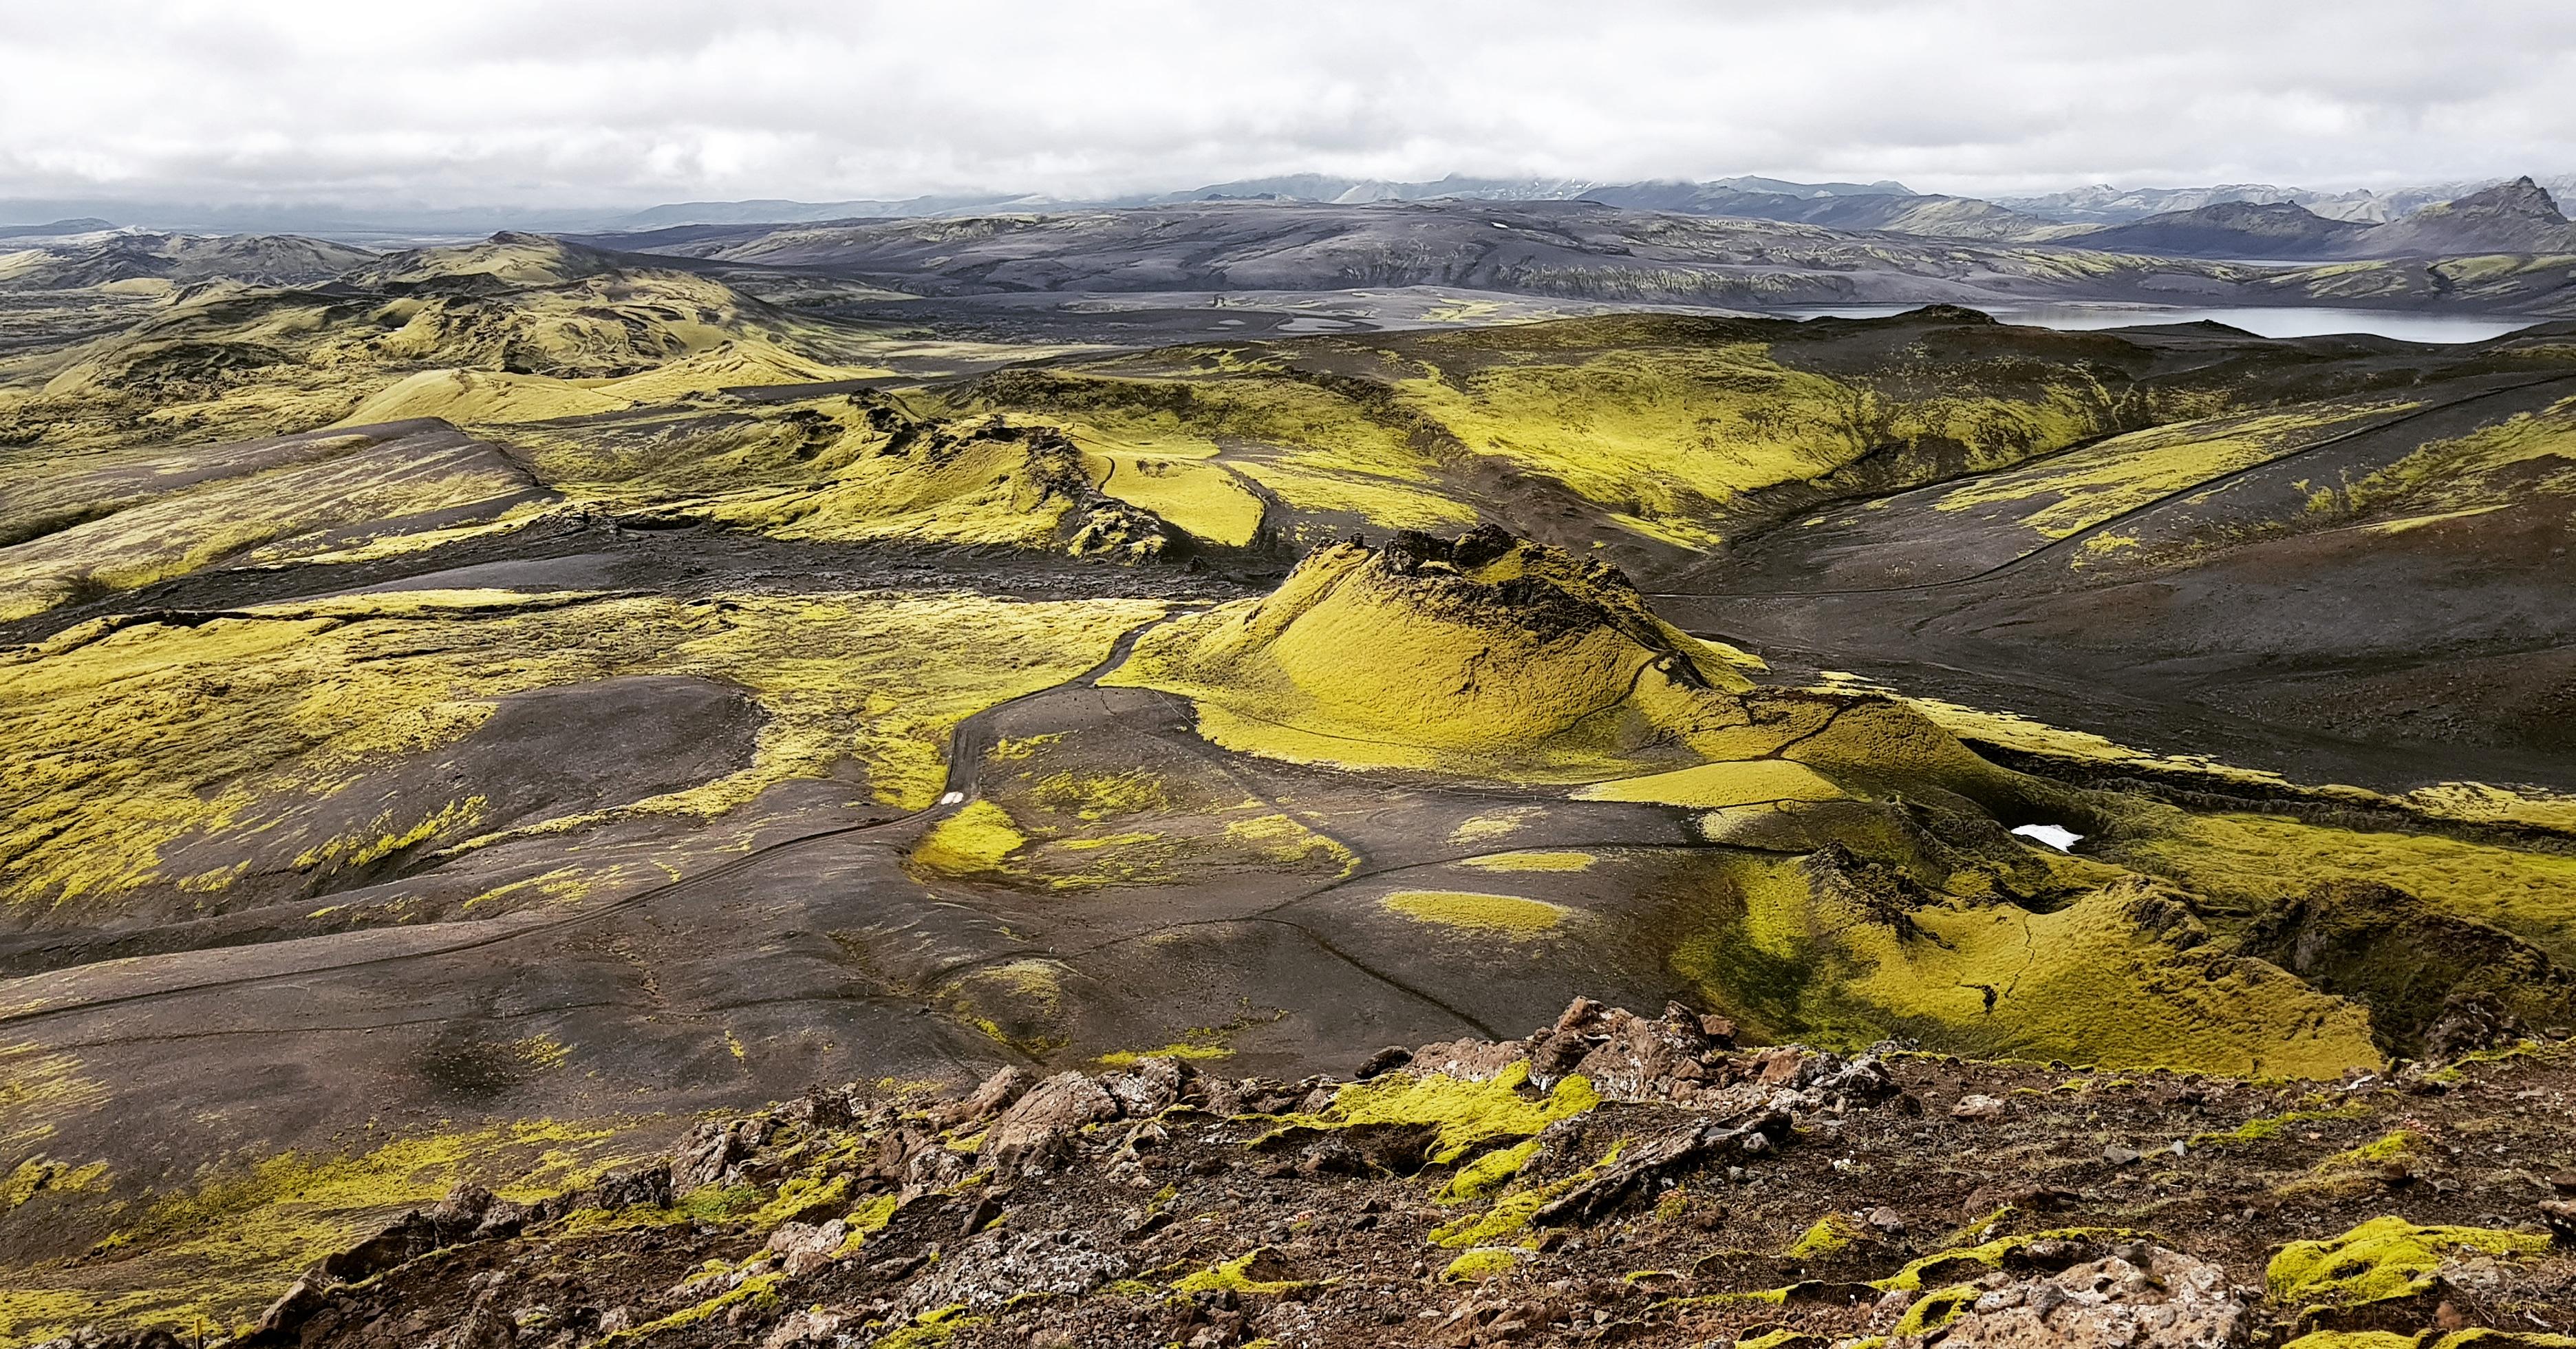 Laki Spalte in Suedost Island